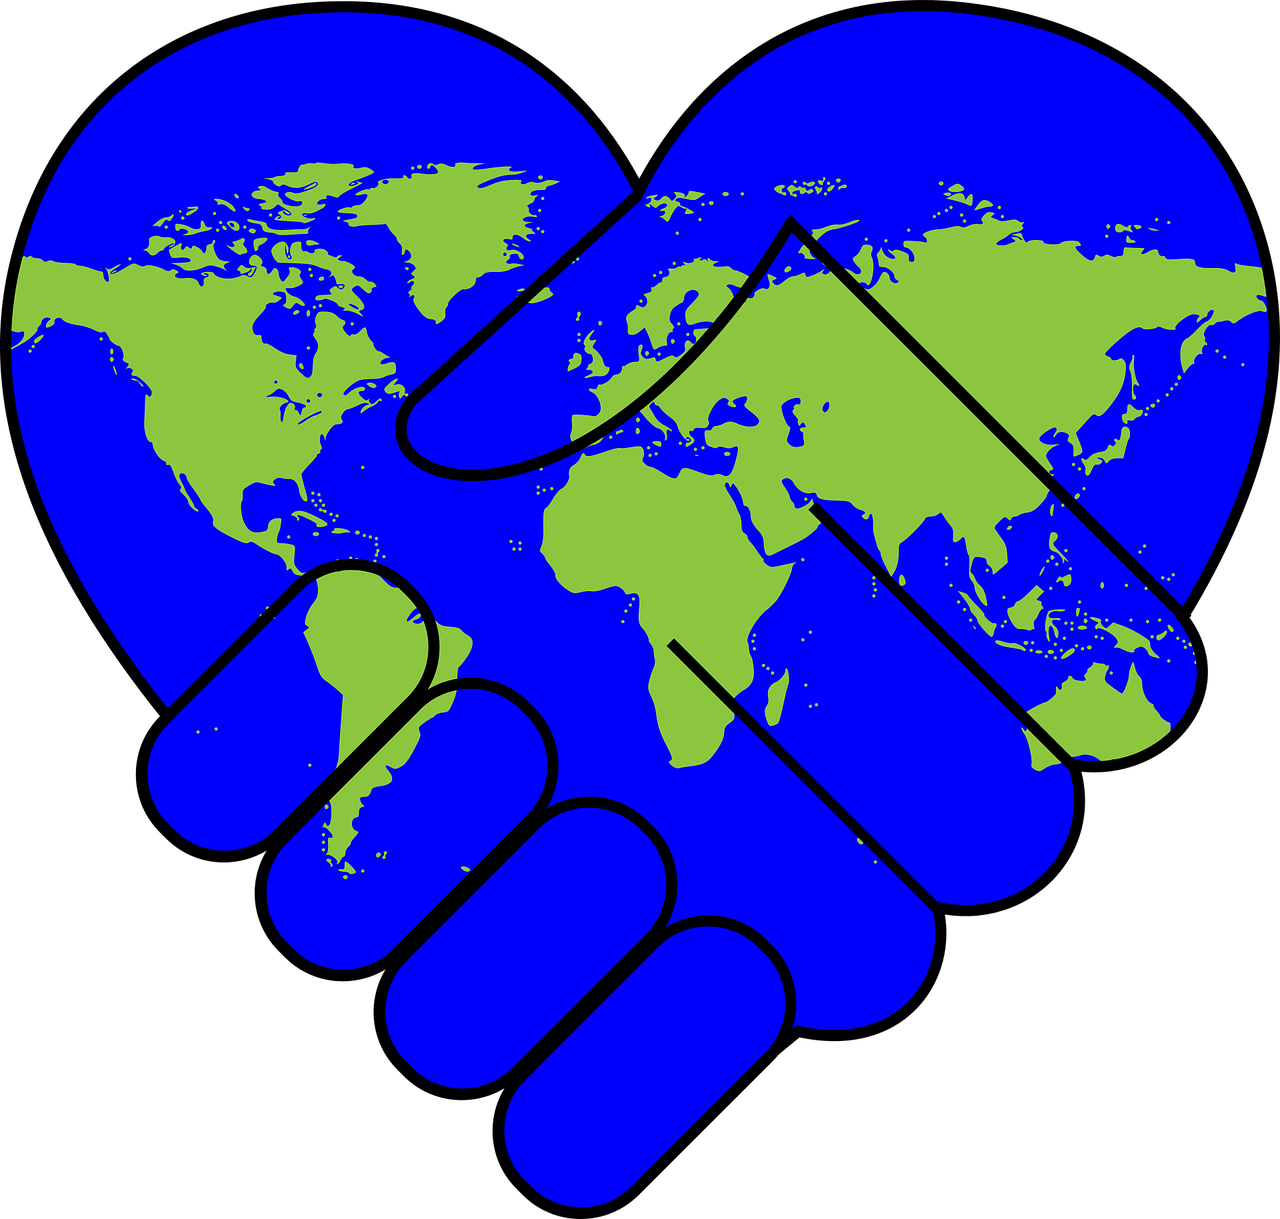 Liebe auf der Welt produzieren